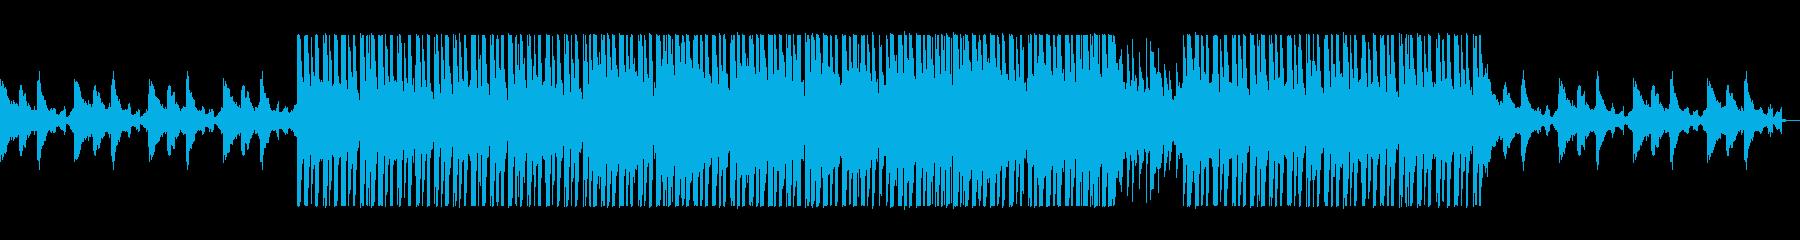 心が安らぐ幻想的なハウスバラードの再生済みの波形